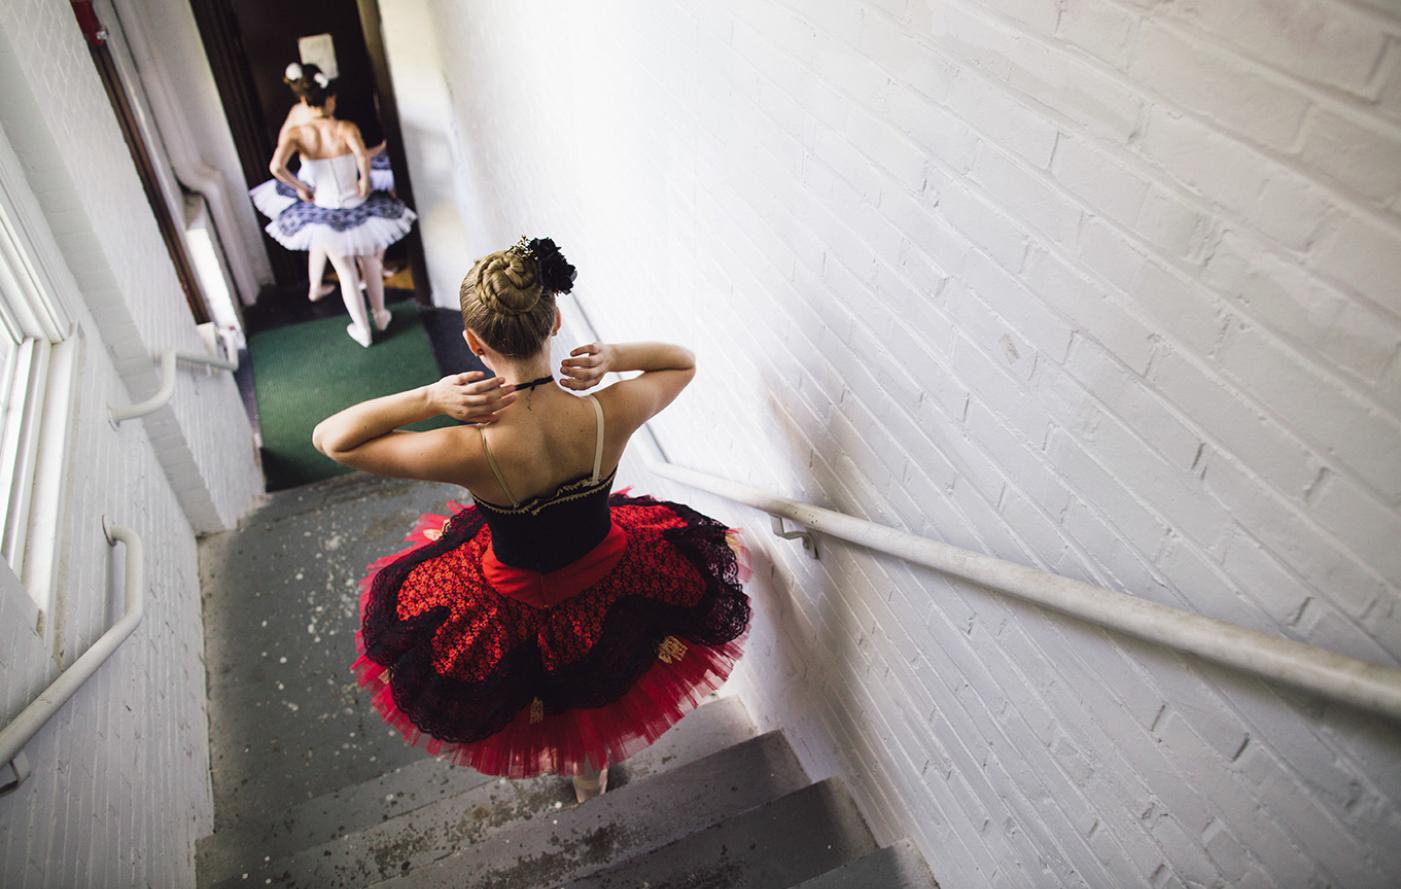 Ballet dancers running downstairs